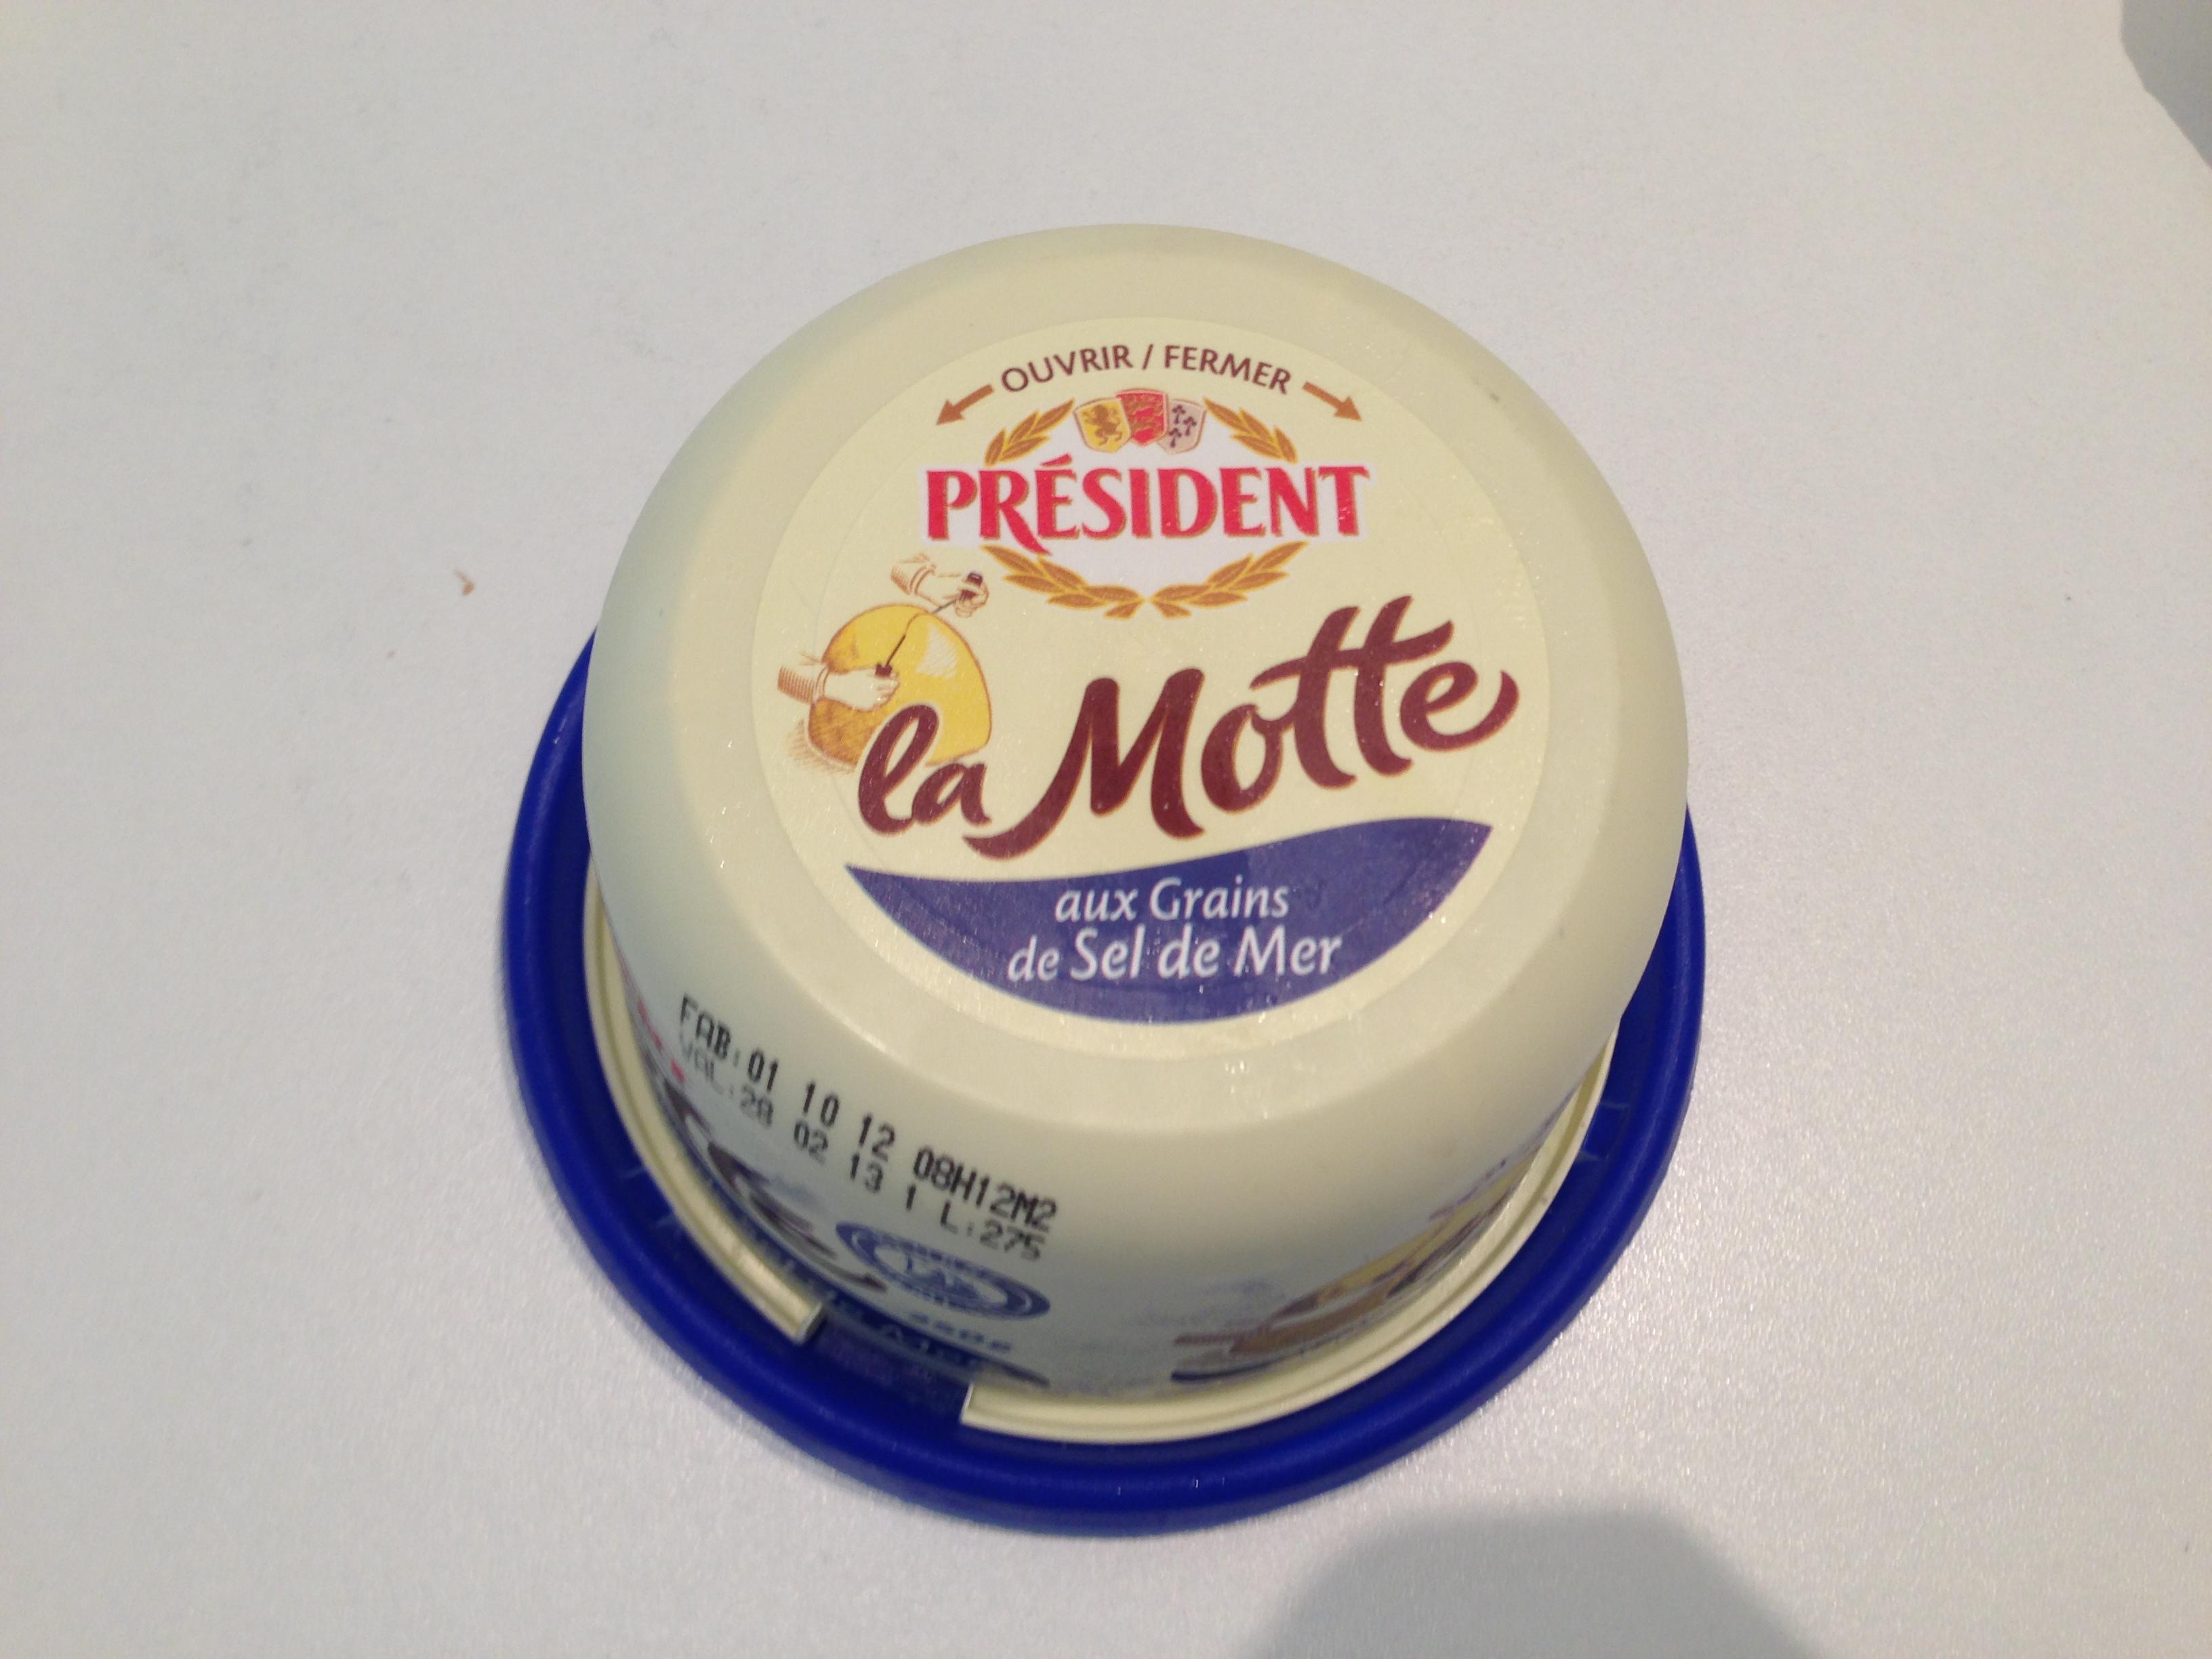 adoro cozinhar com essa manteiga!